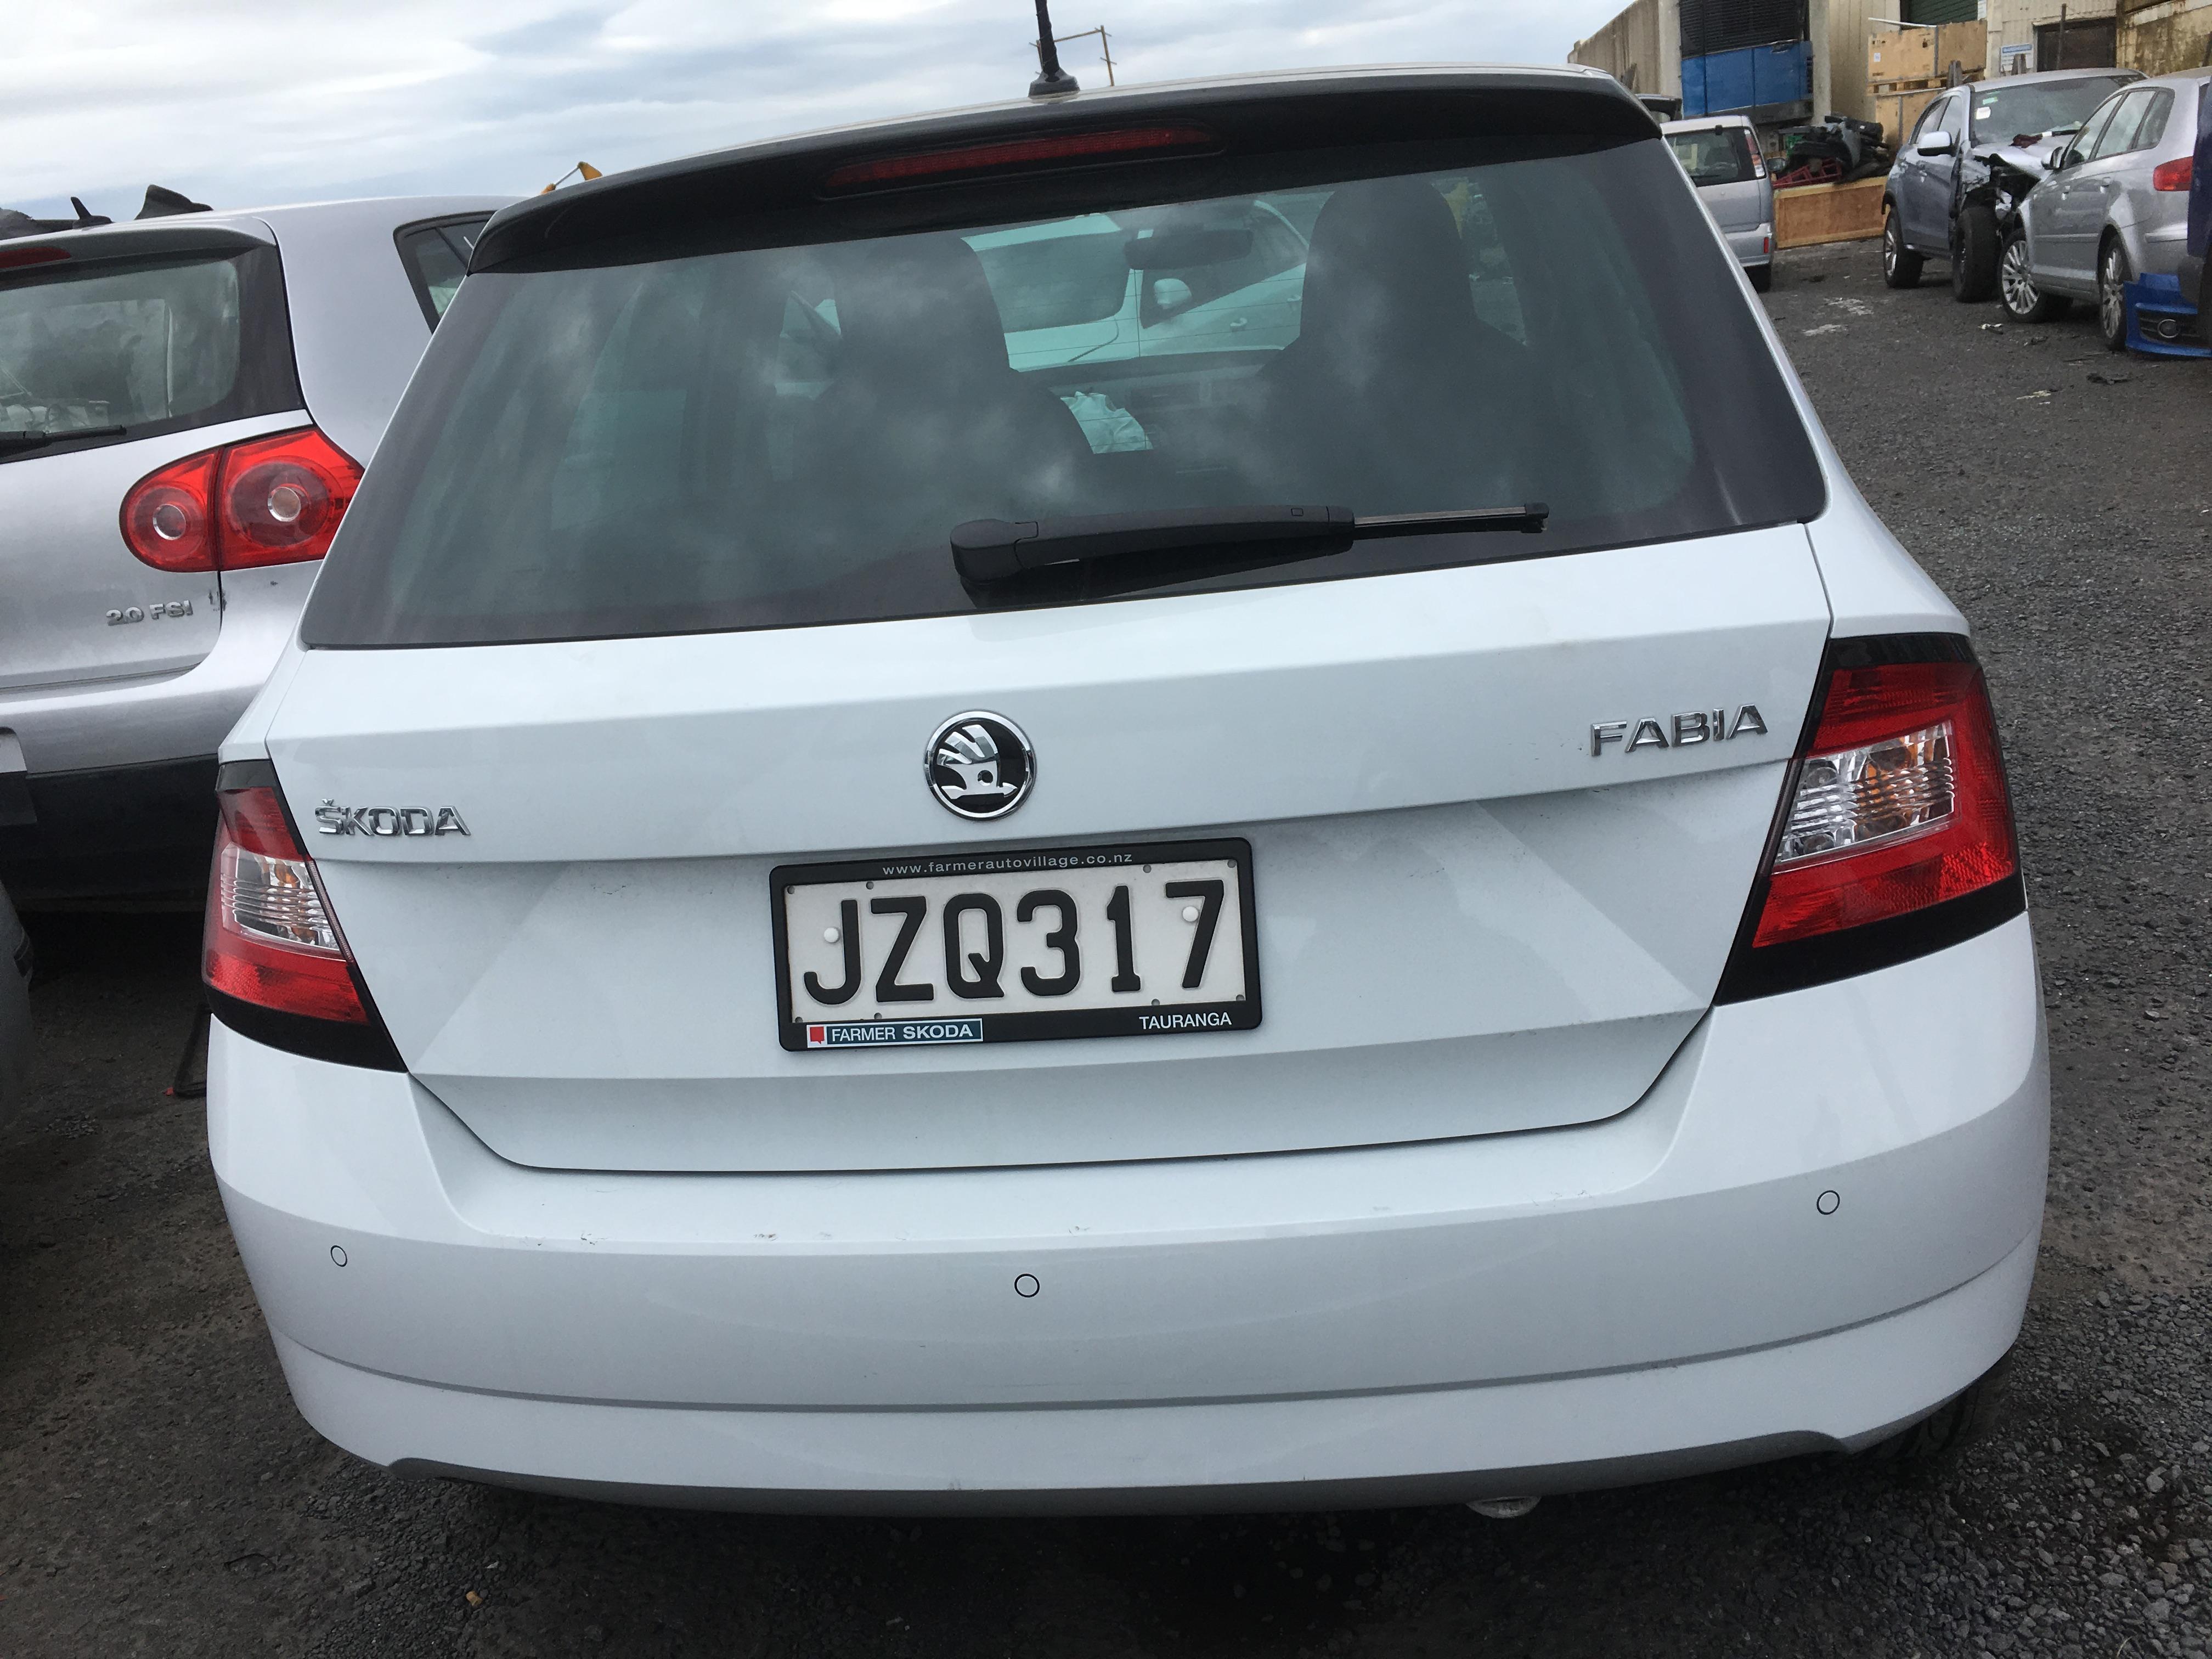 Skoda Fabia 2016